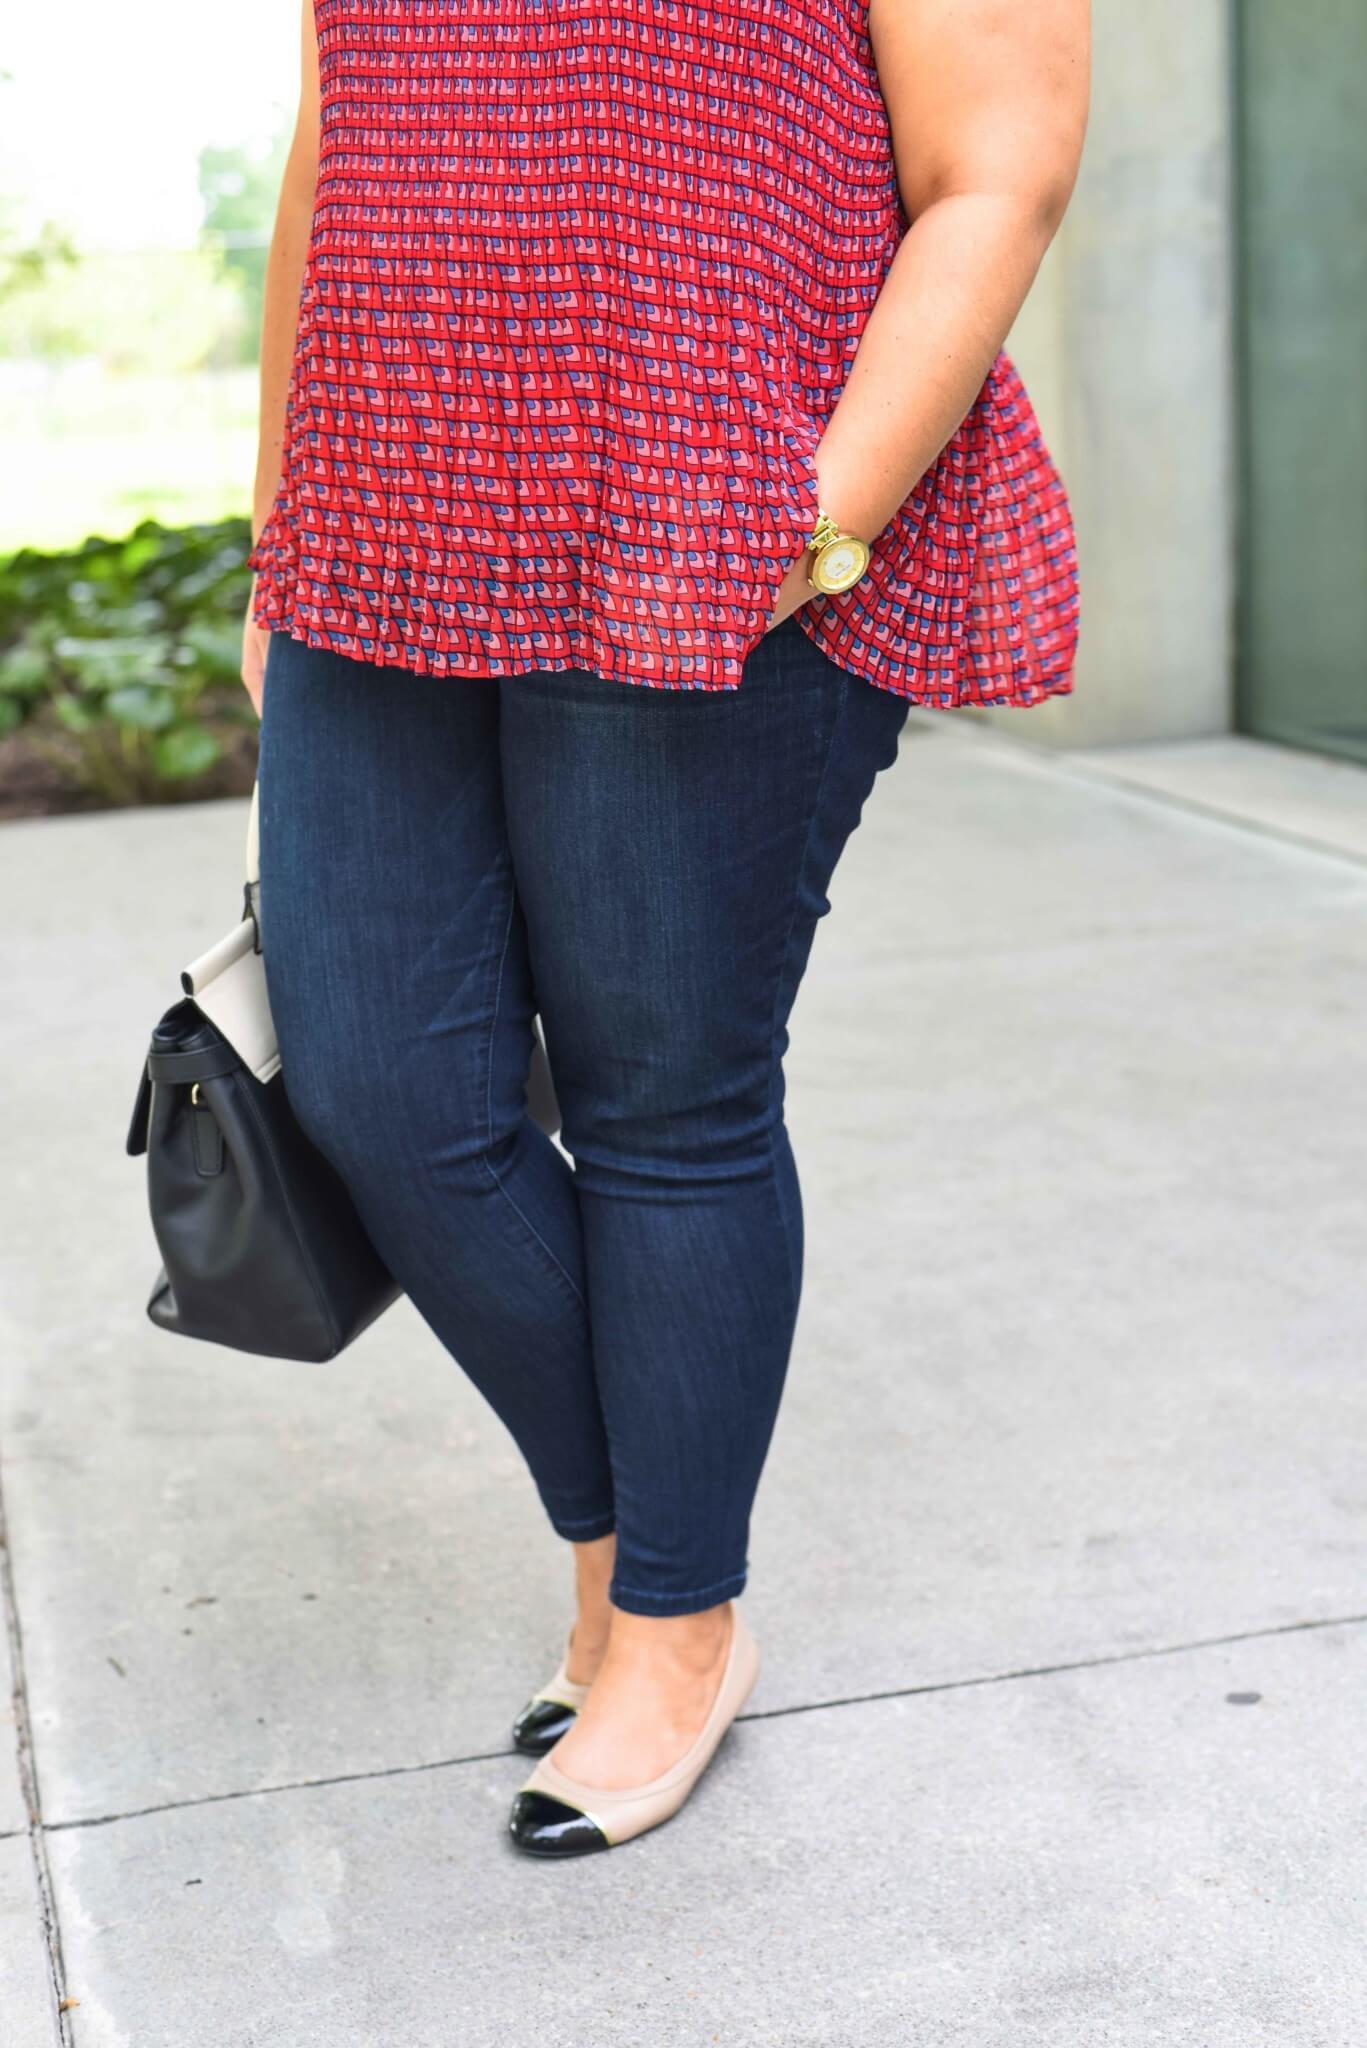 Wit & Wisdom Plus Size Jeans